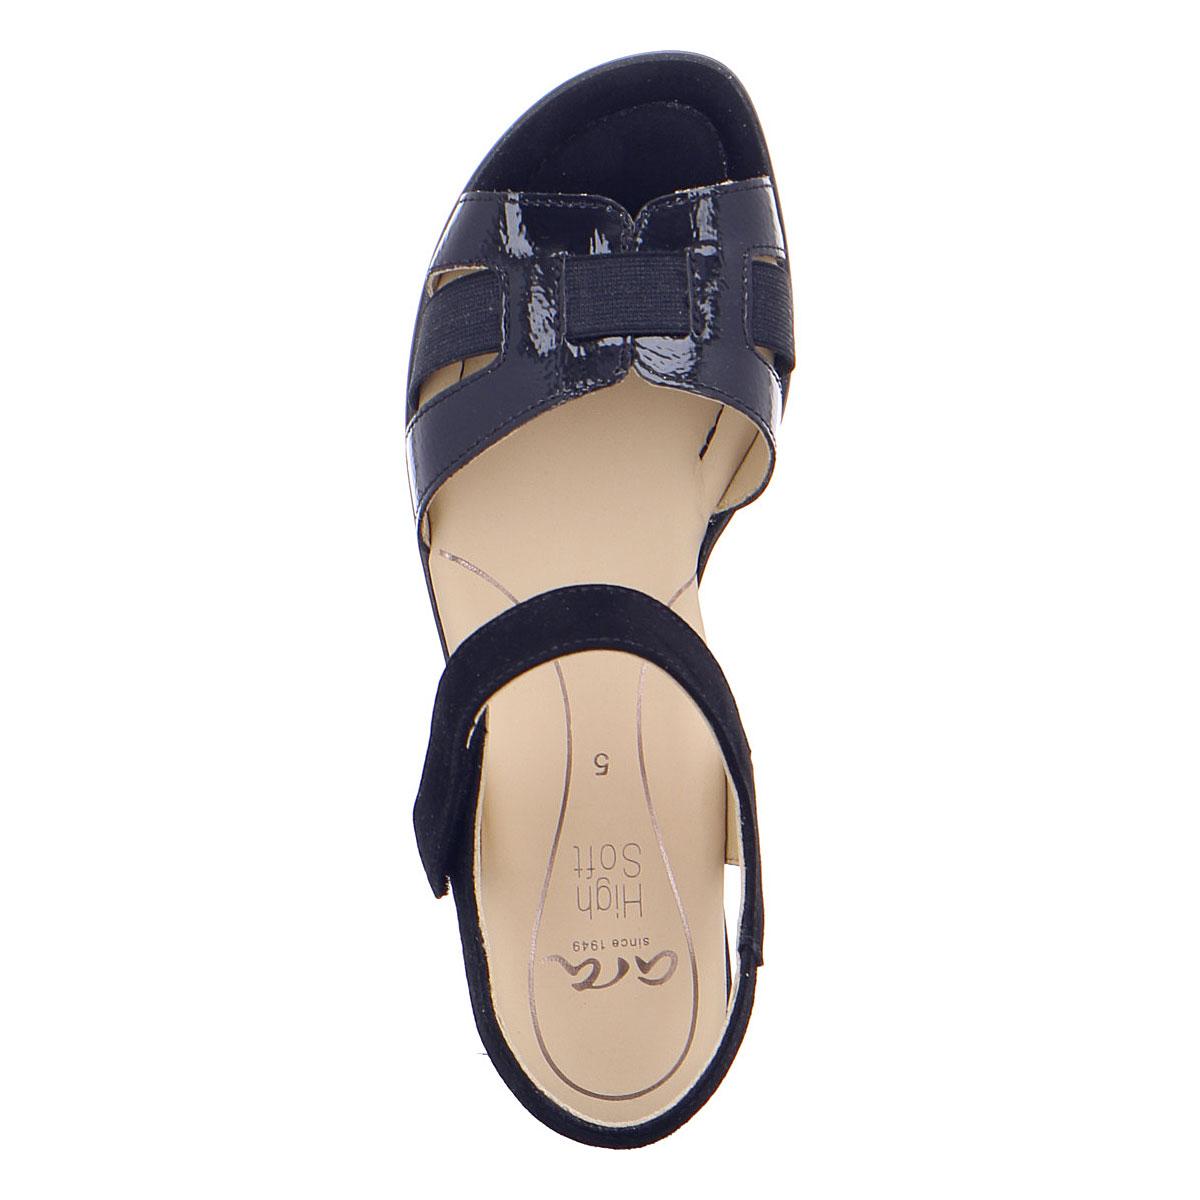 Дамски сандали от ест. кожа за широк крак ara 12-35782-02 тъмно сини - снимка 6